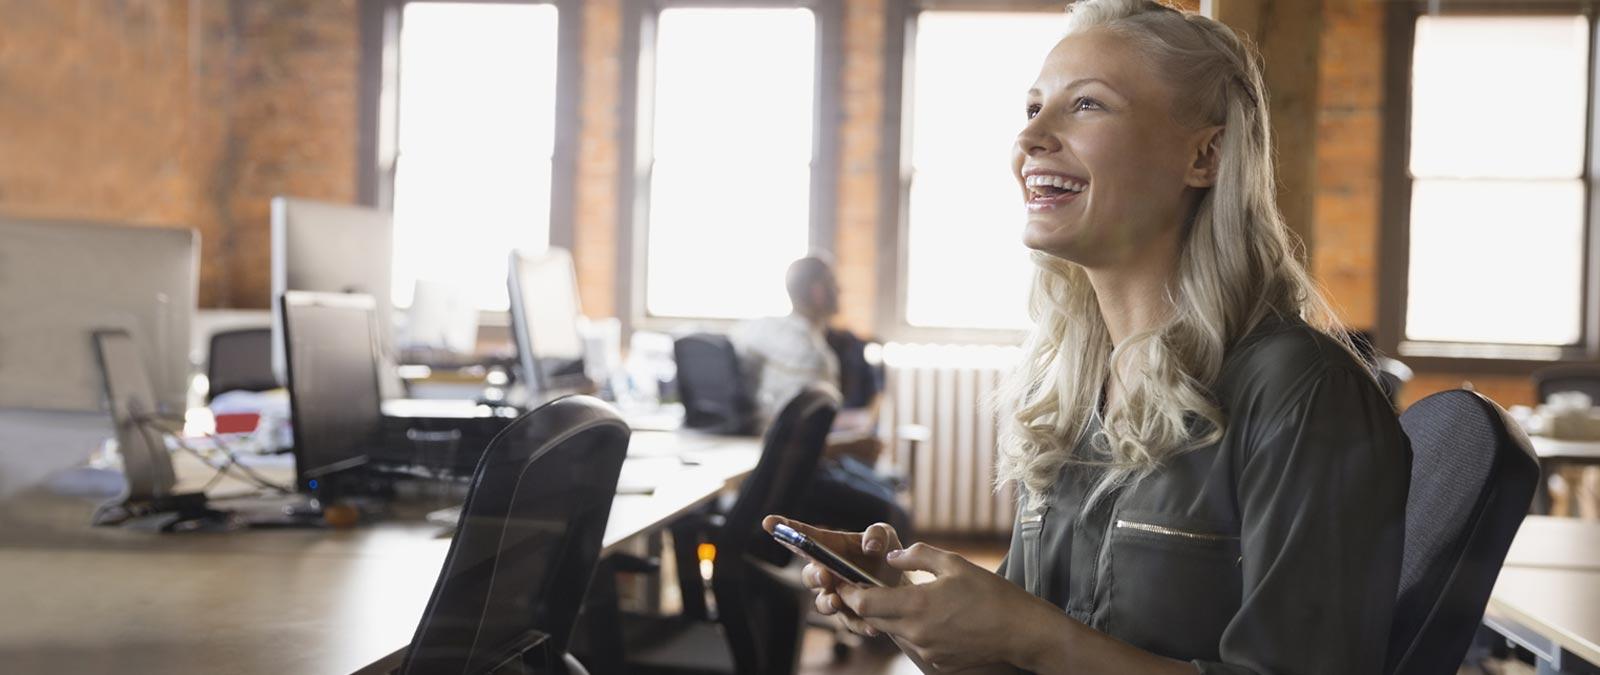 Nutitelefonis Office 365 Business Essentialsi kasutav naine kontoris.